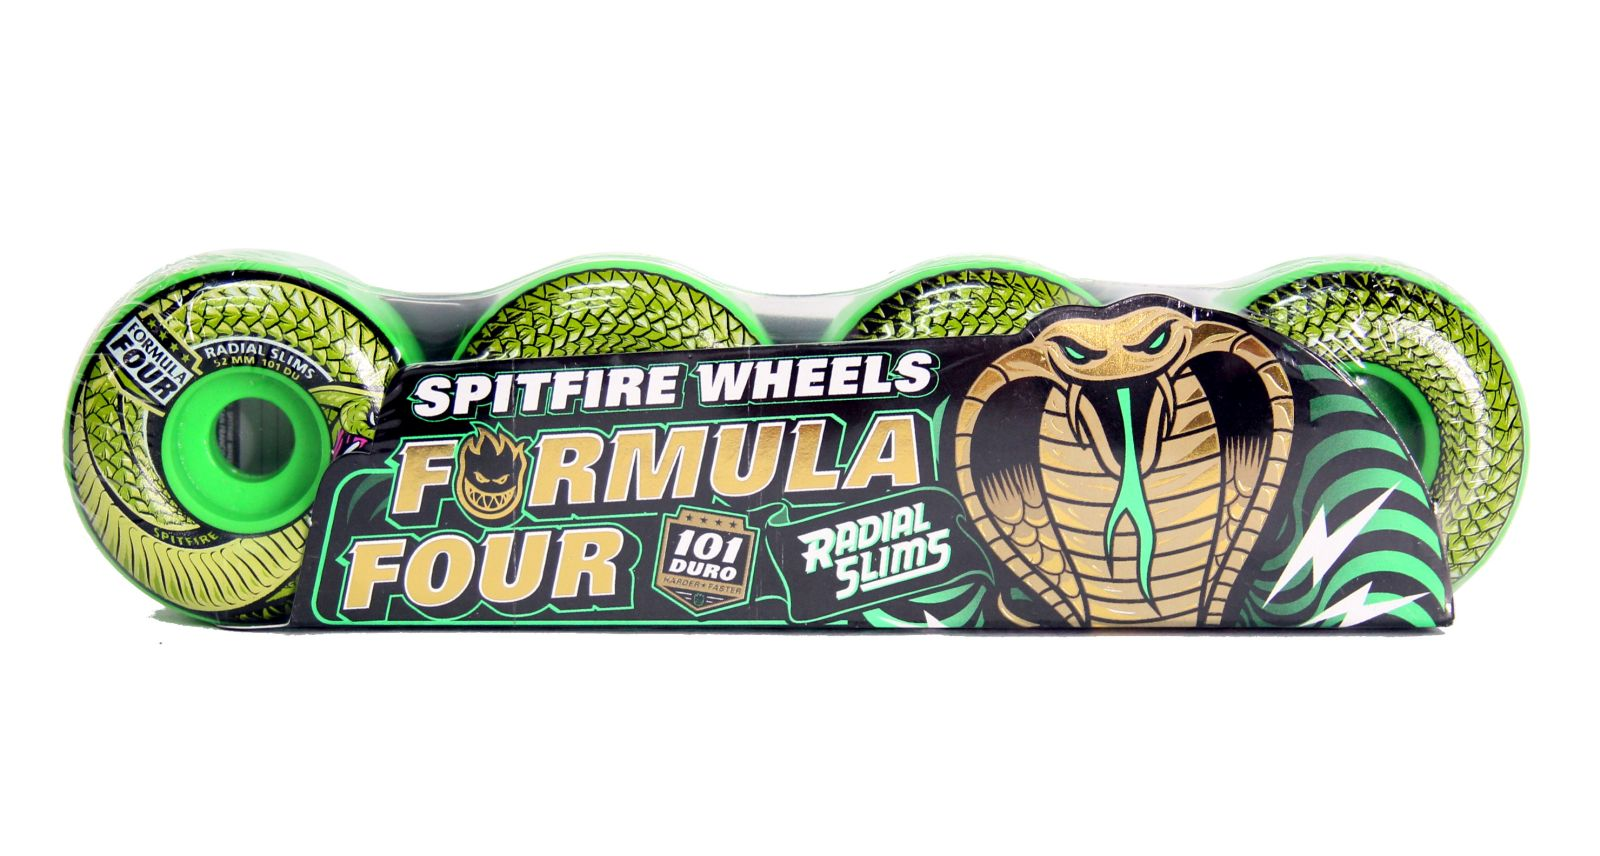 Koła Spitfire Formula Four Radial Slim (Snake Bites) 52mm